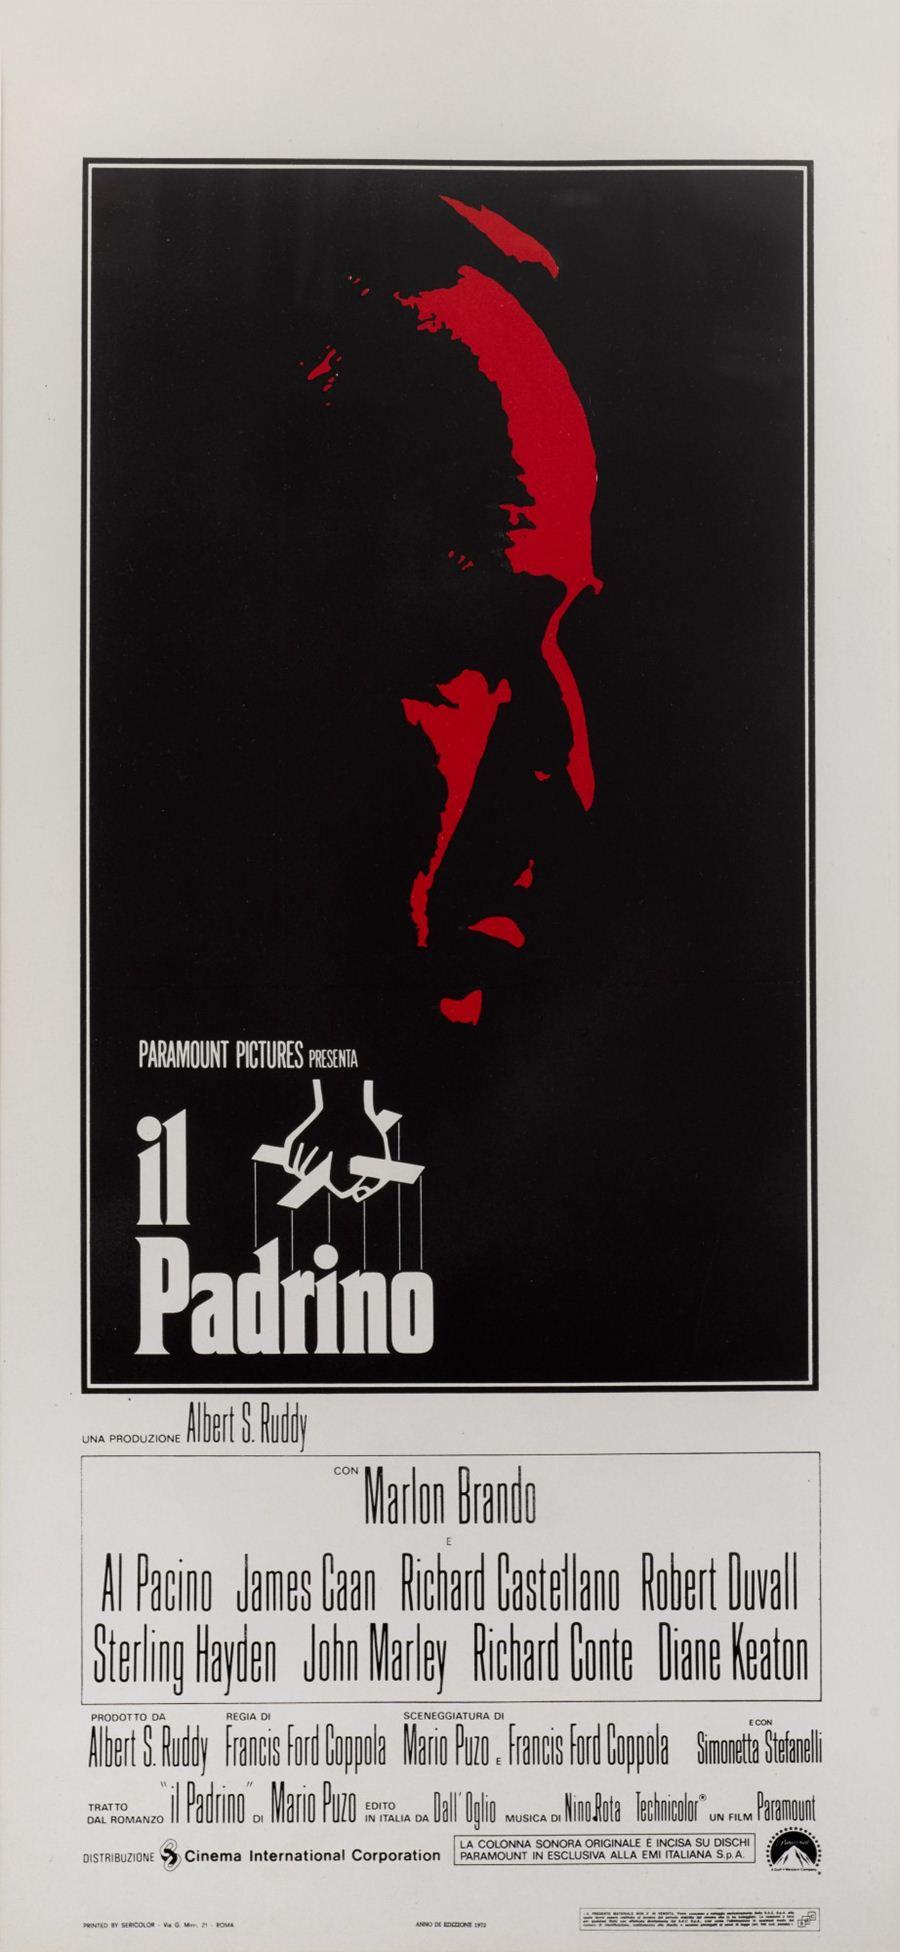 โปสเตอร์เดอะ ก็อดฟาเธอร์ ปี 1972 ผลิตในอิตาลี ประเมินราคาประมูลสูงสุด 1,000 ปอนด์ หรือราว 3.7 หมื่นบาท